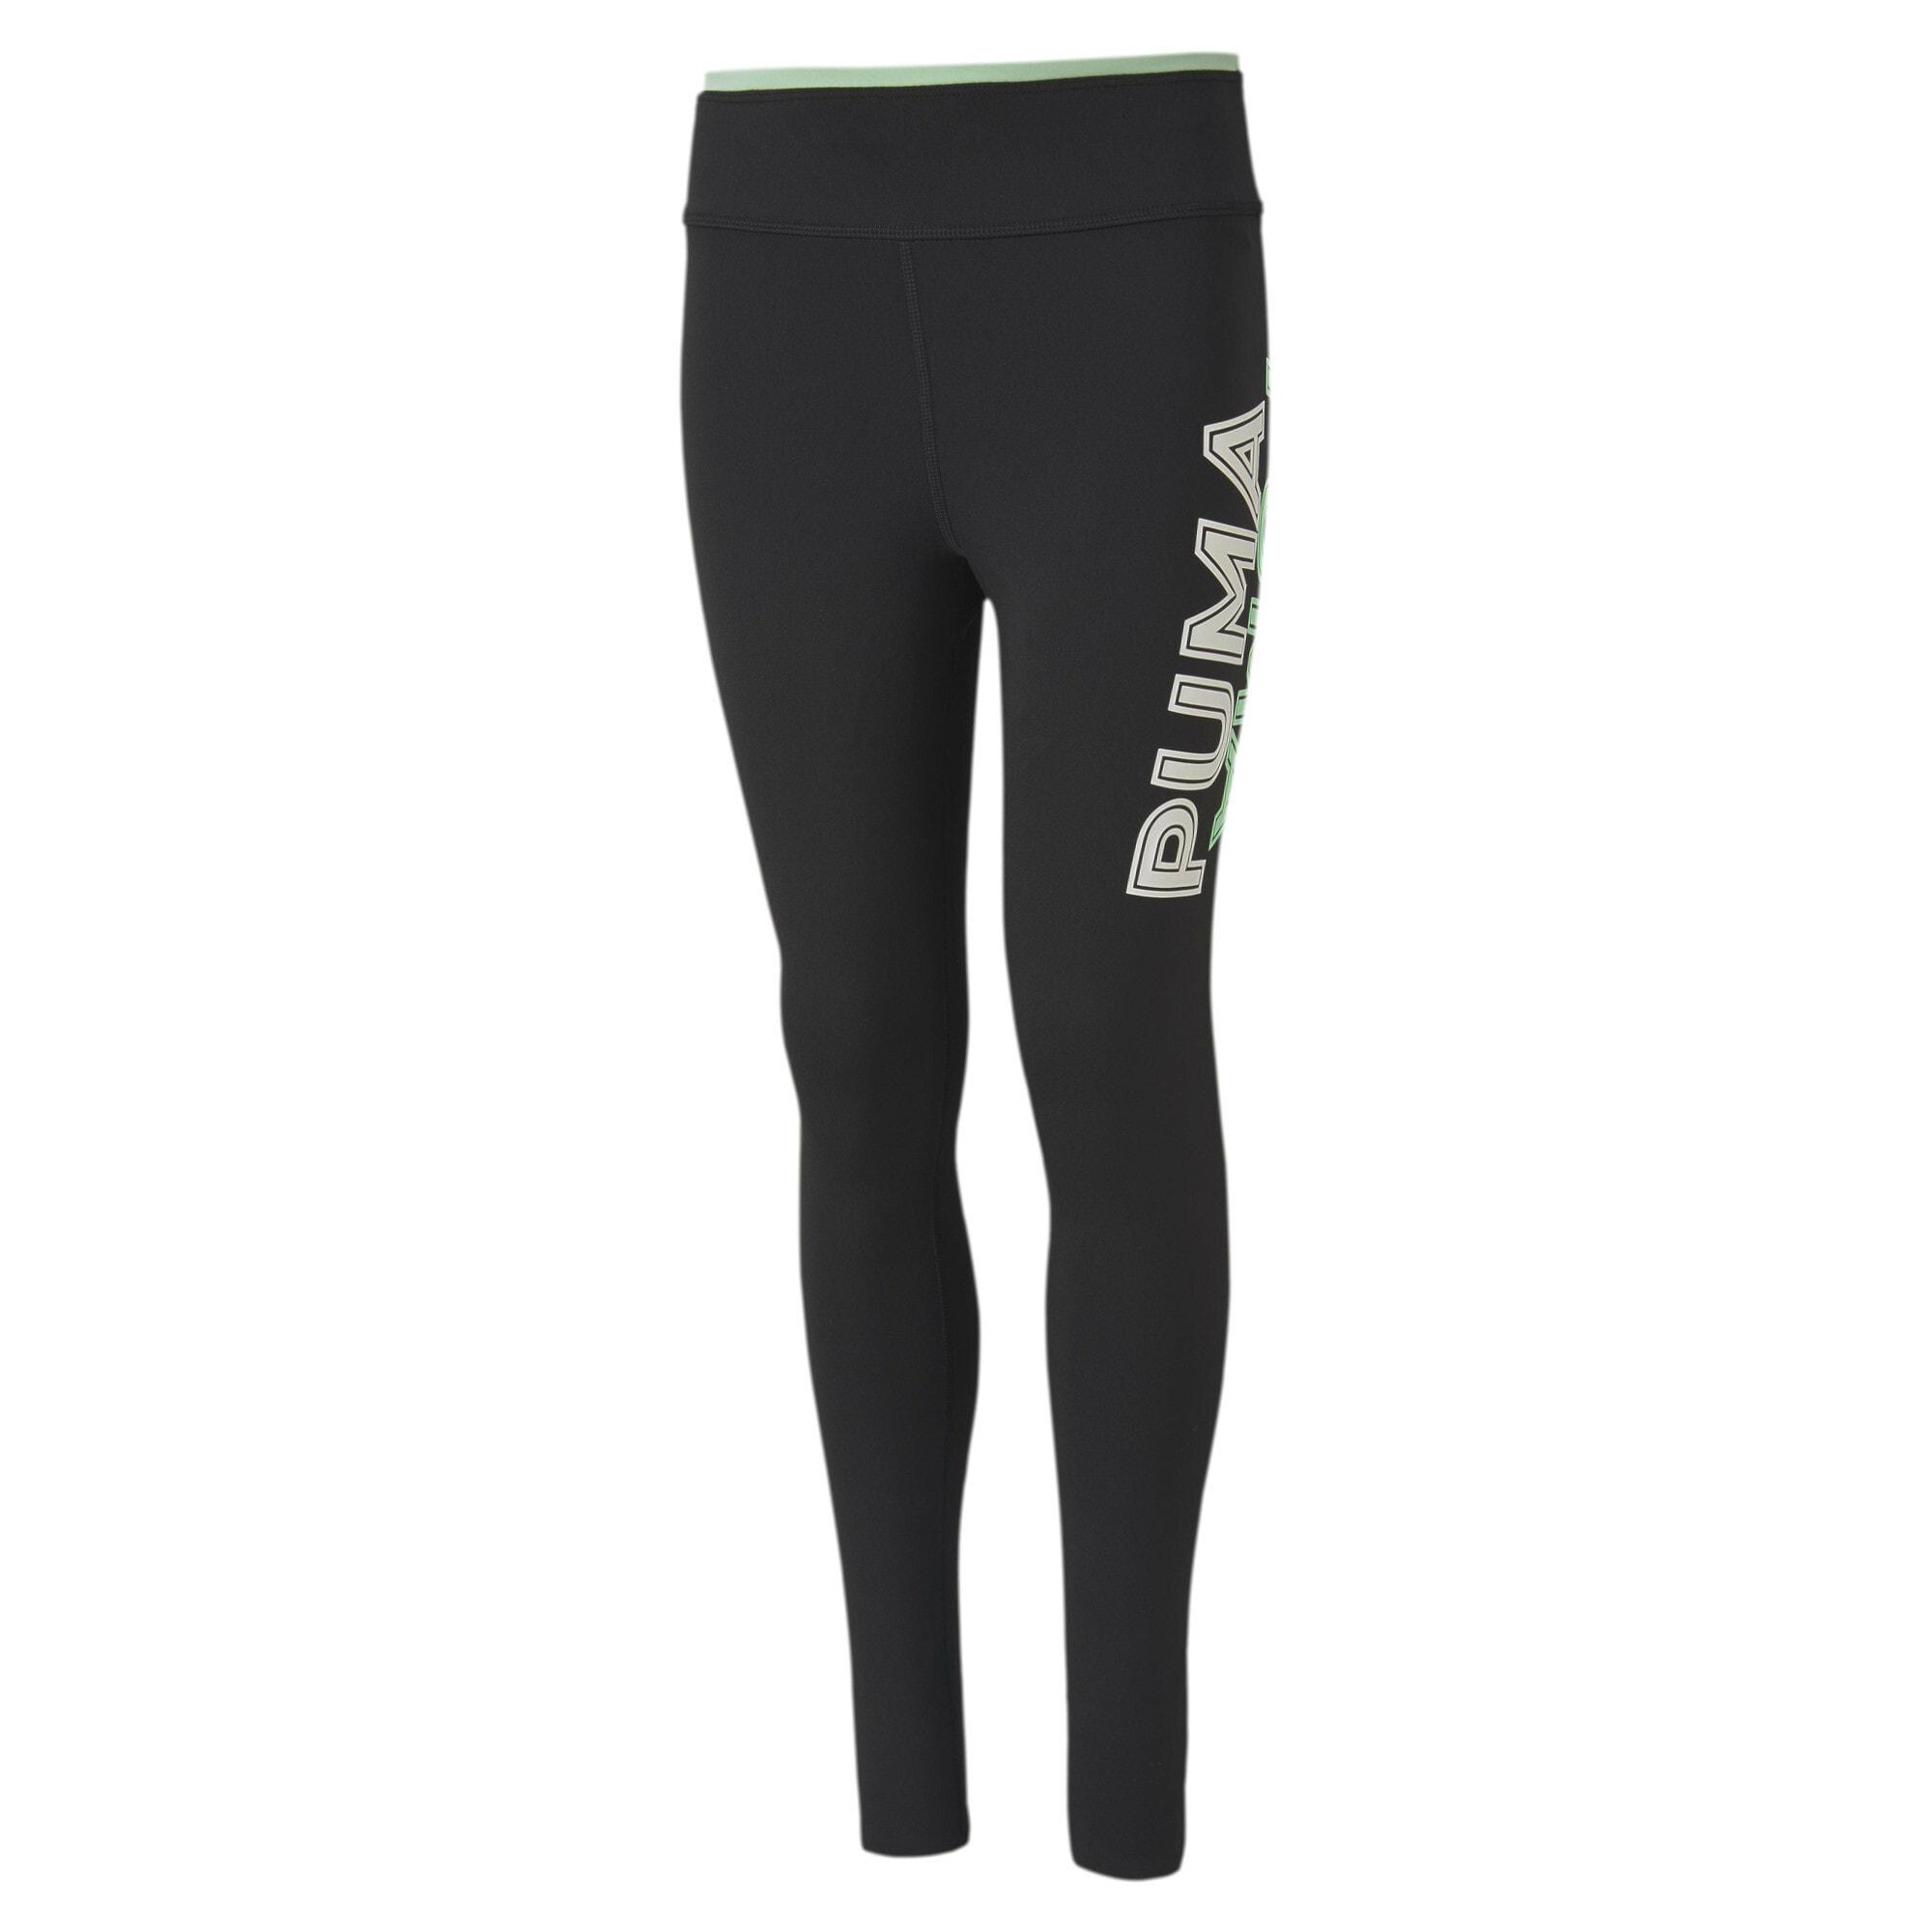 PUMA Sportinės kelnės 'Modern Sports' juoda / balta / pastelinė žalia